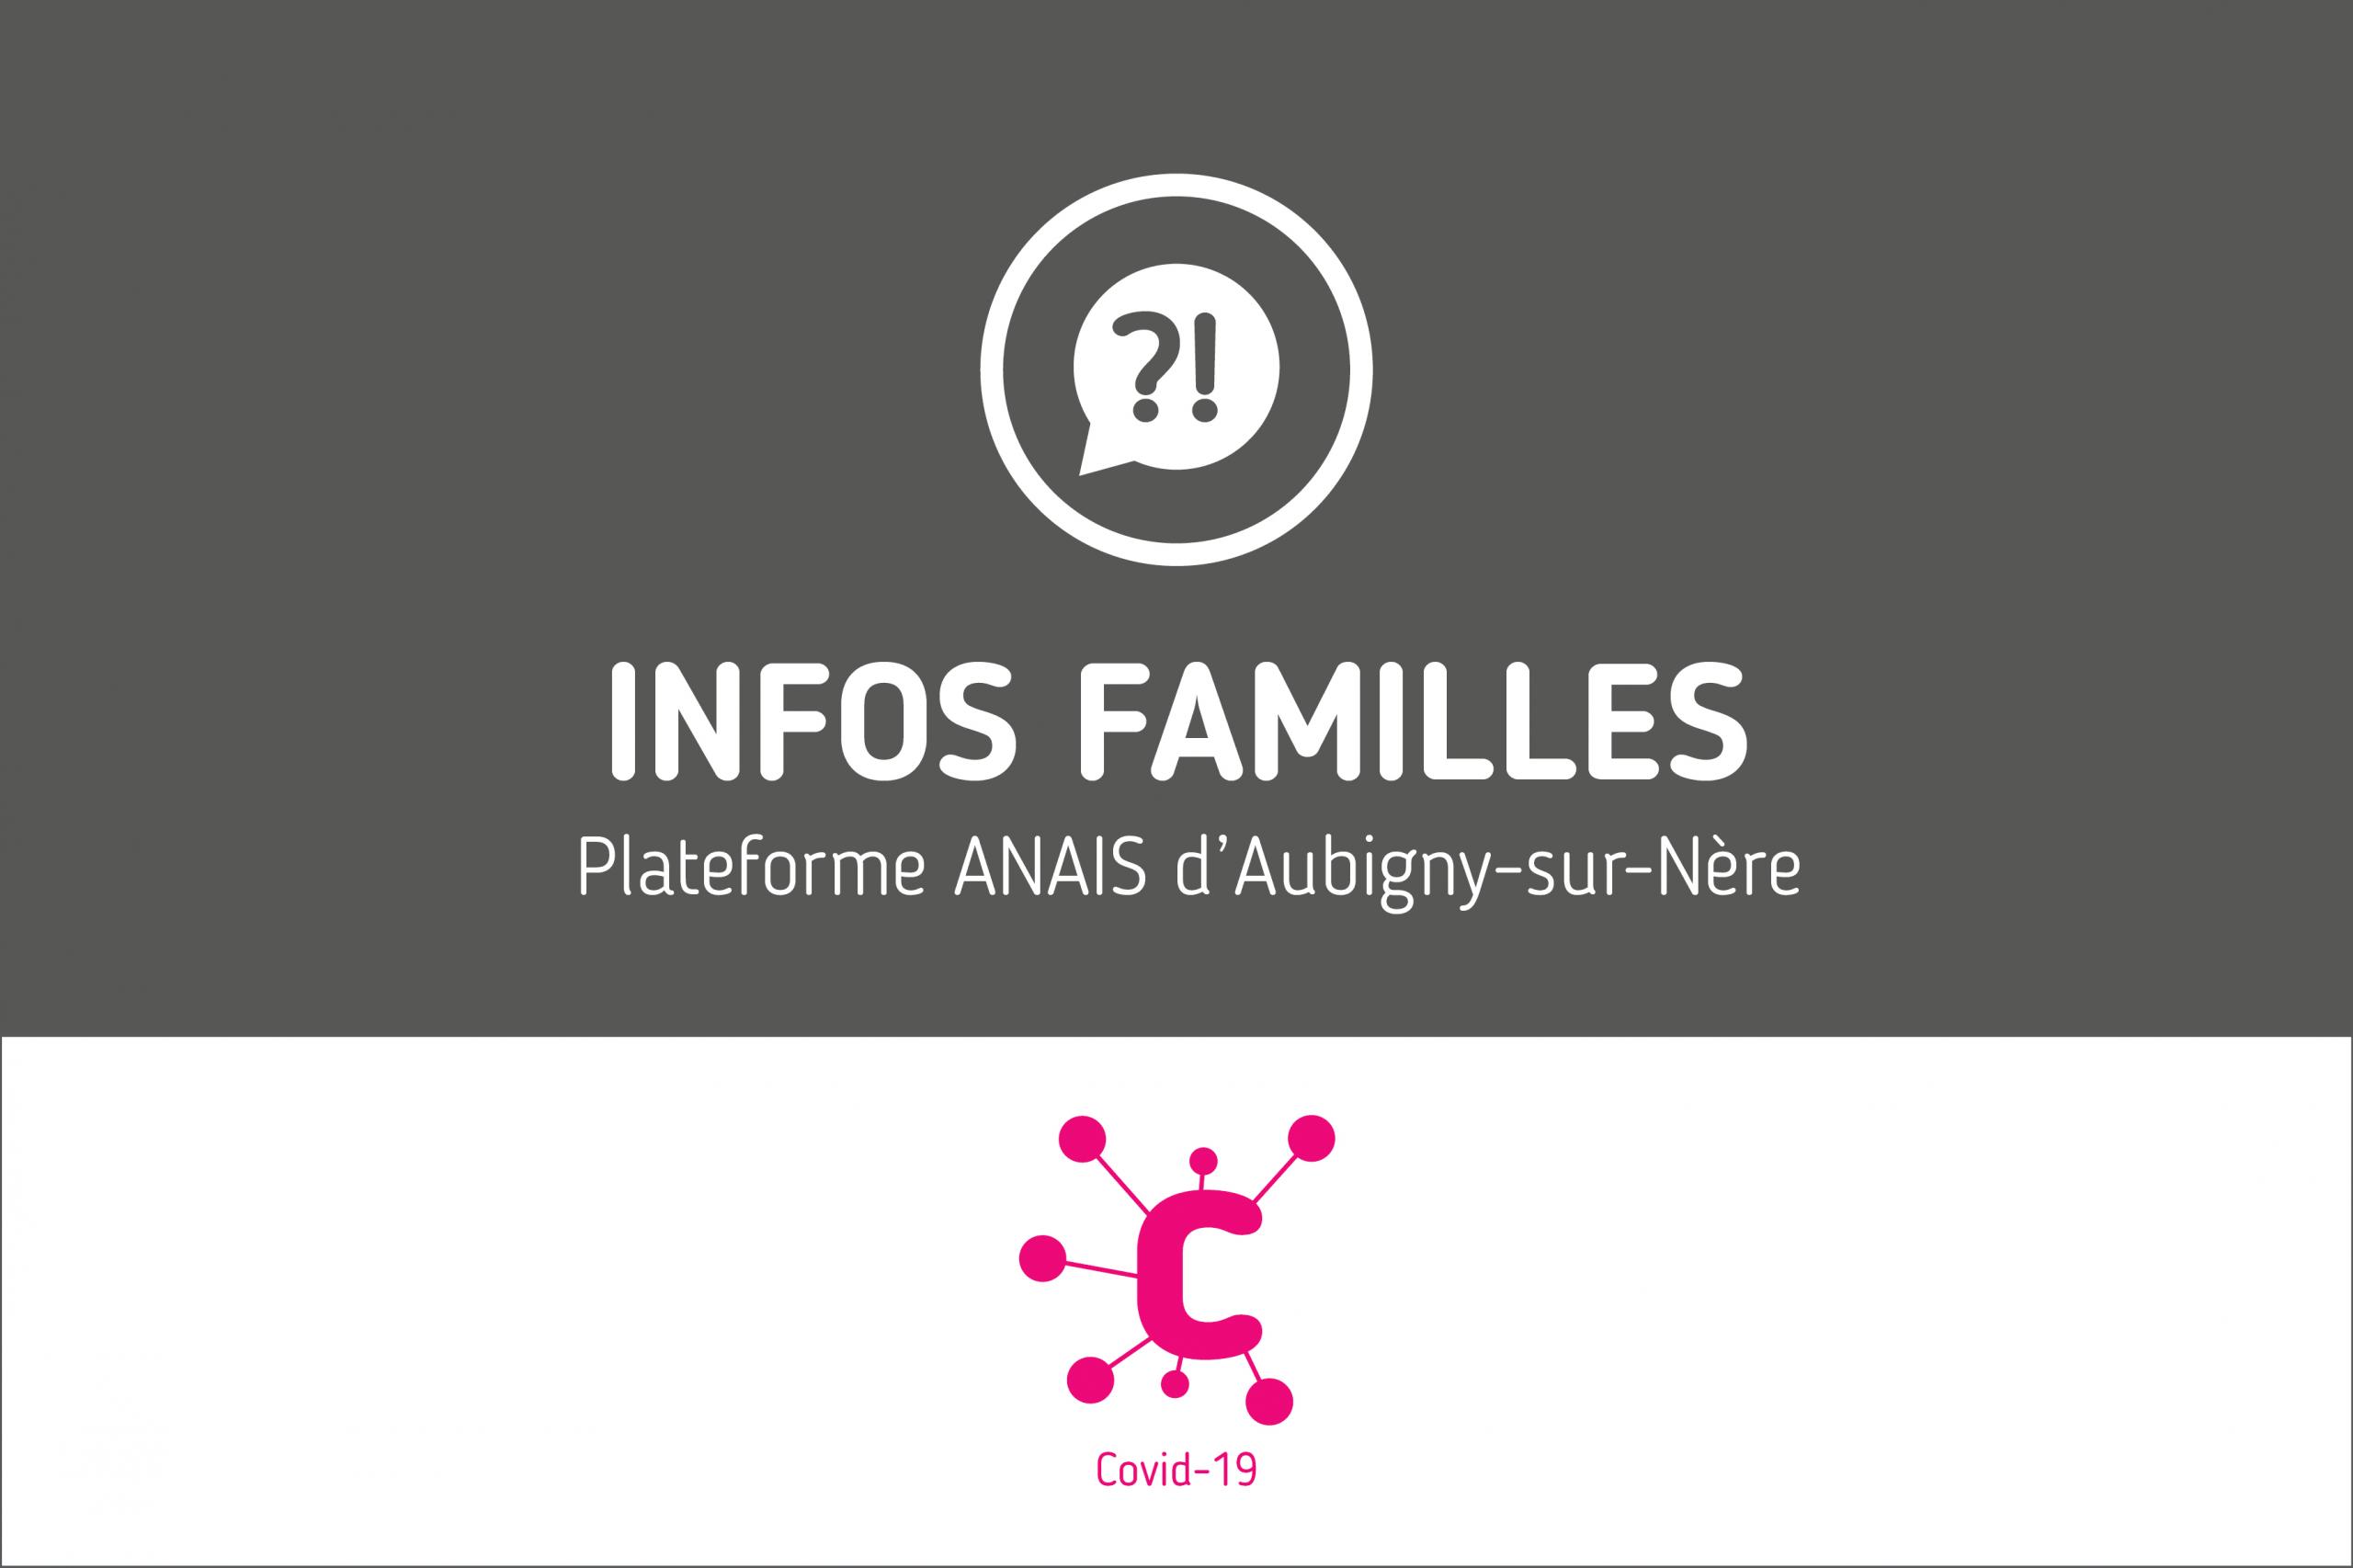 Protégé: Infos familles – Plateforme ANAIS d'Aubigny-sur-Nère